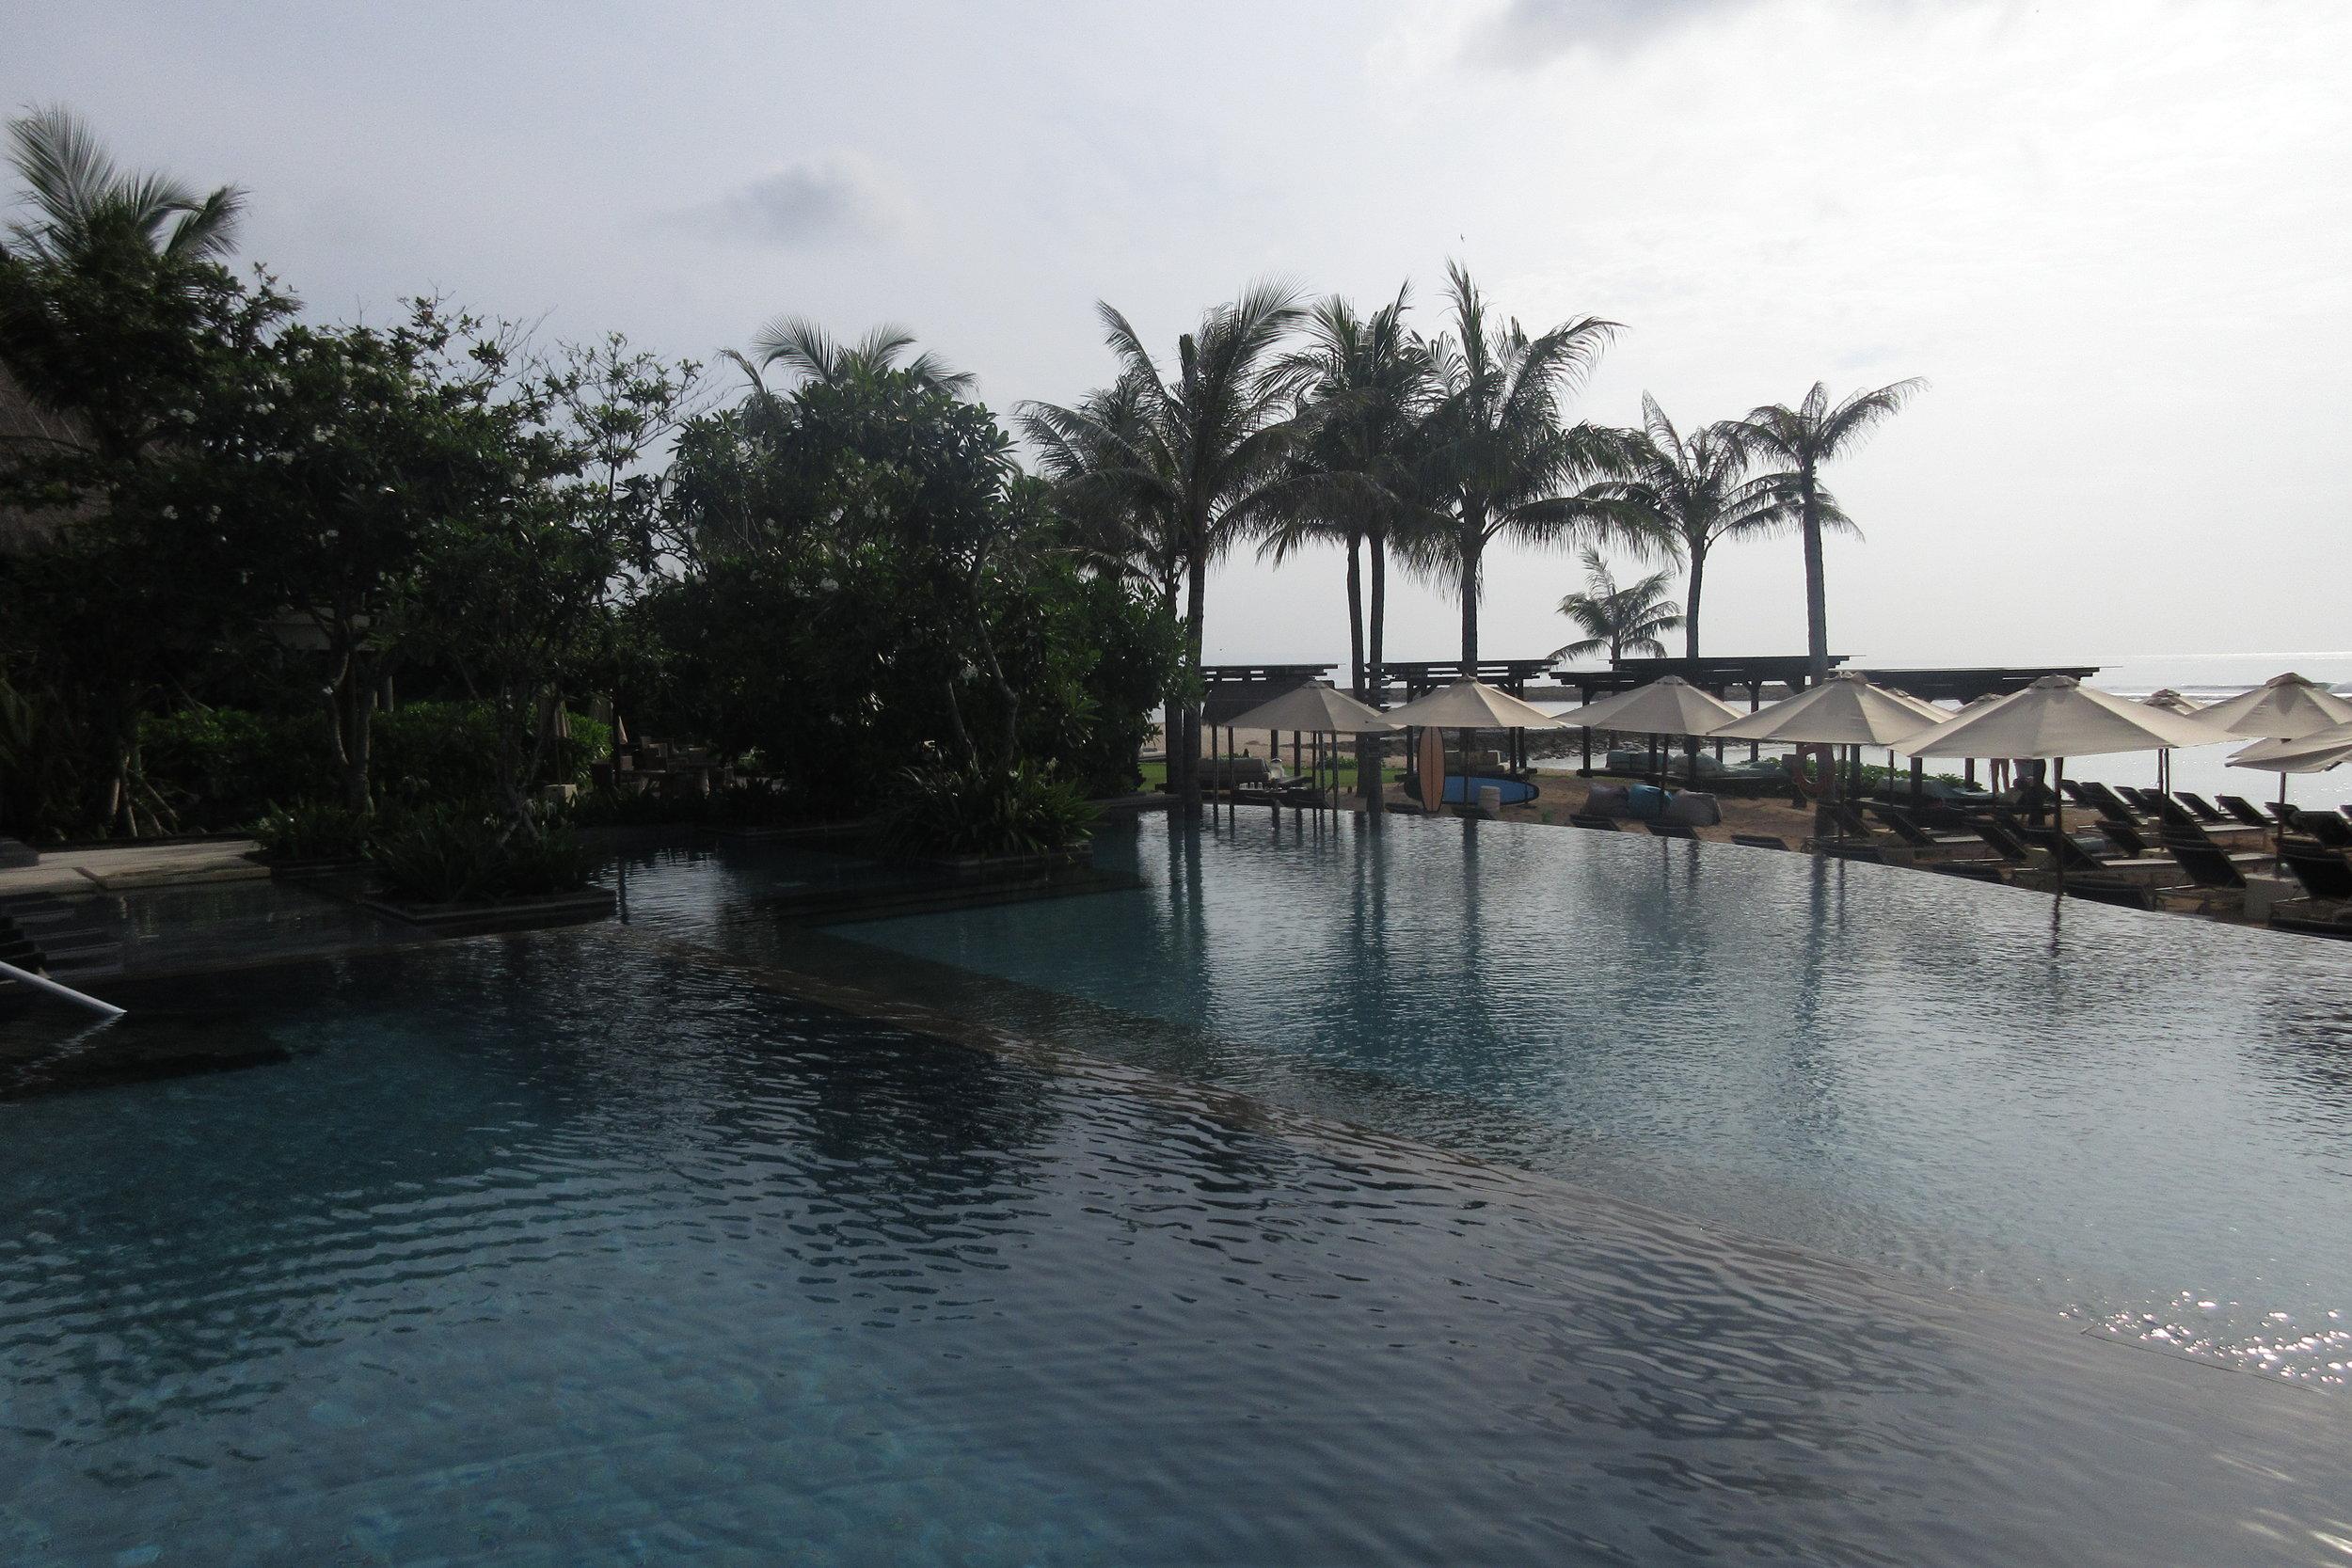 The Ritz-Carlton, Bali – Infinity pool #1